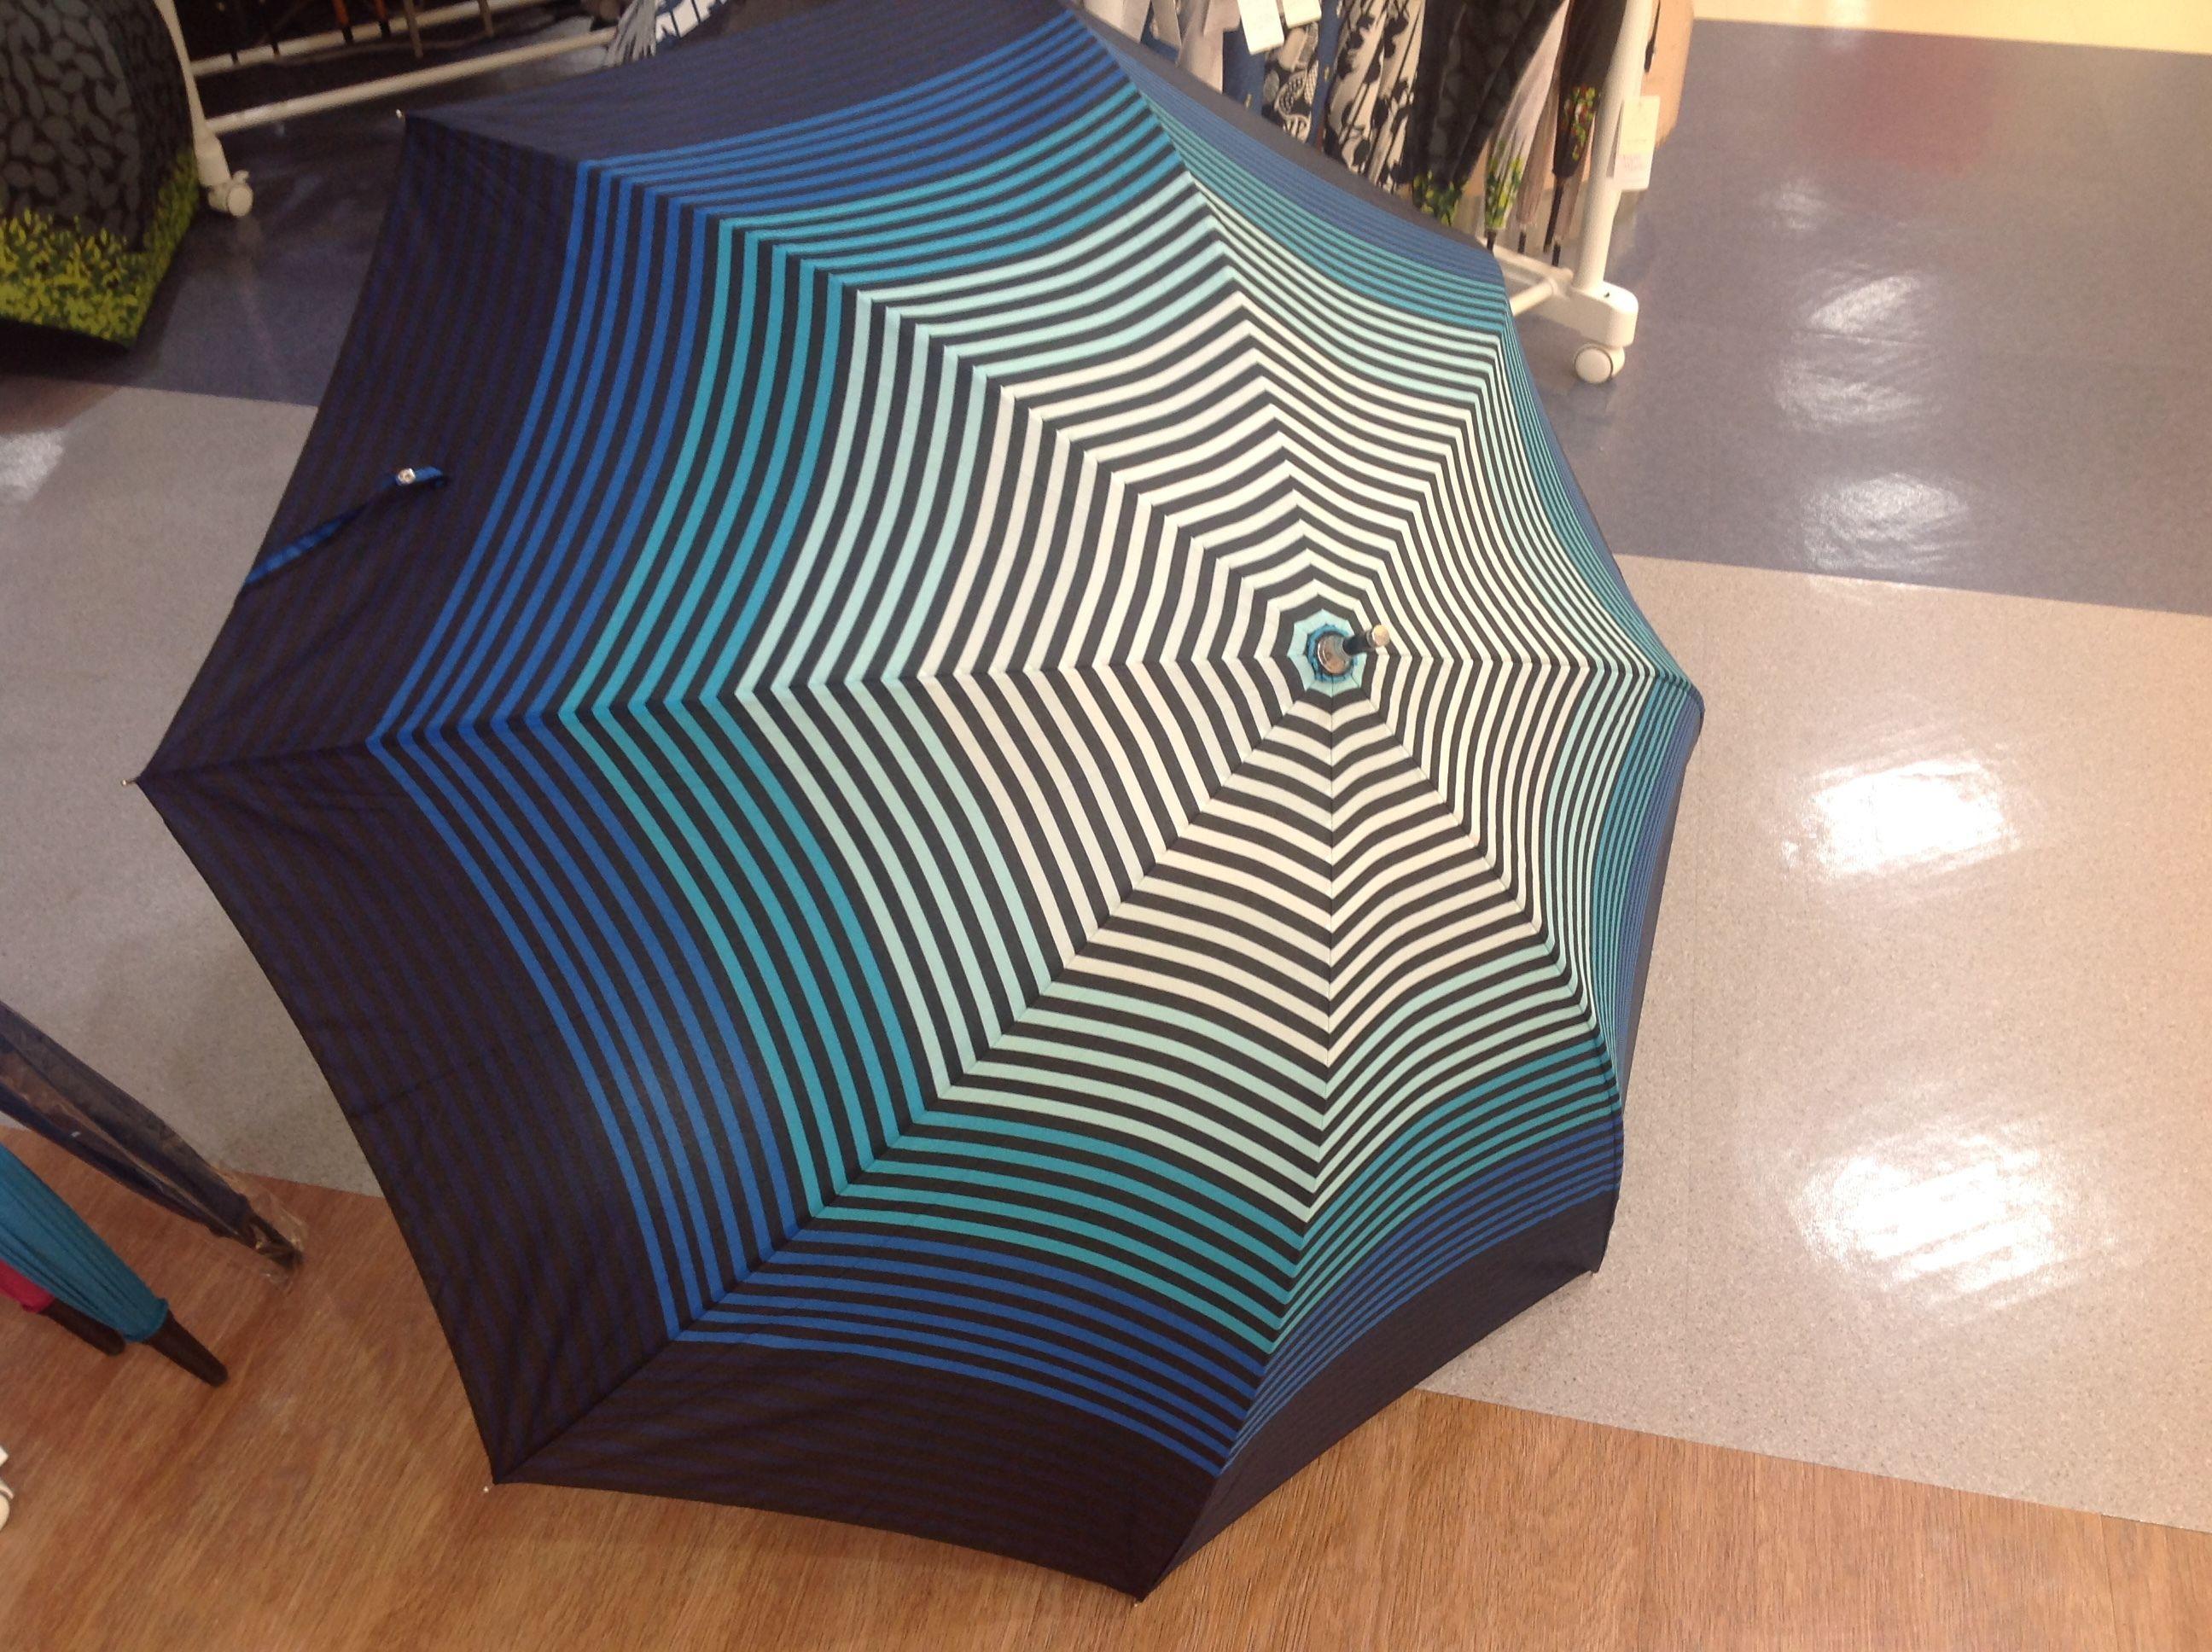 【風速25mまで耐える】傘専門店 通販 東京 雨傘 ワンタッチ ジャンプ グラスファイバー サビない 旅傘 【Z骨 ブルーボーダー】